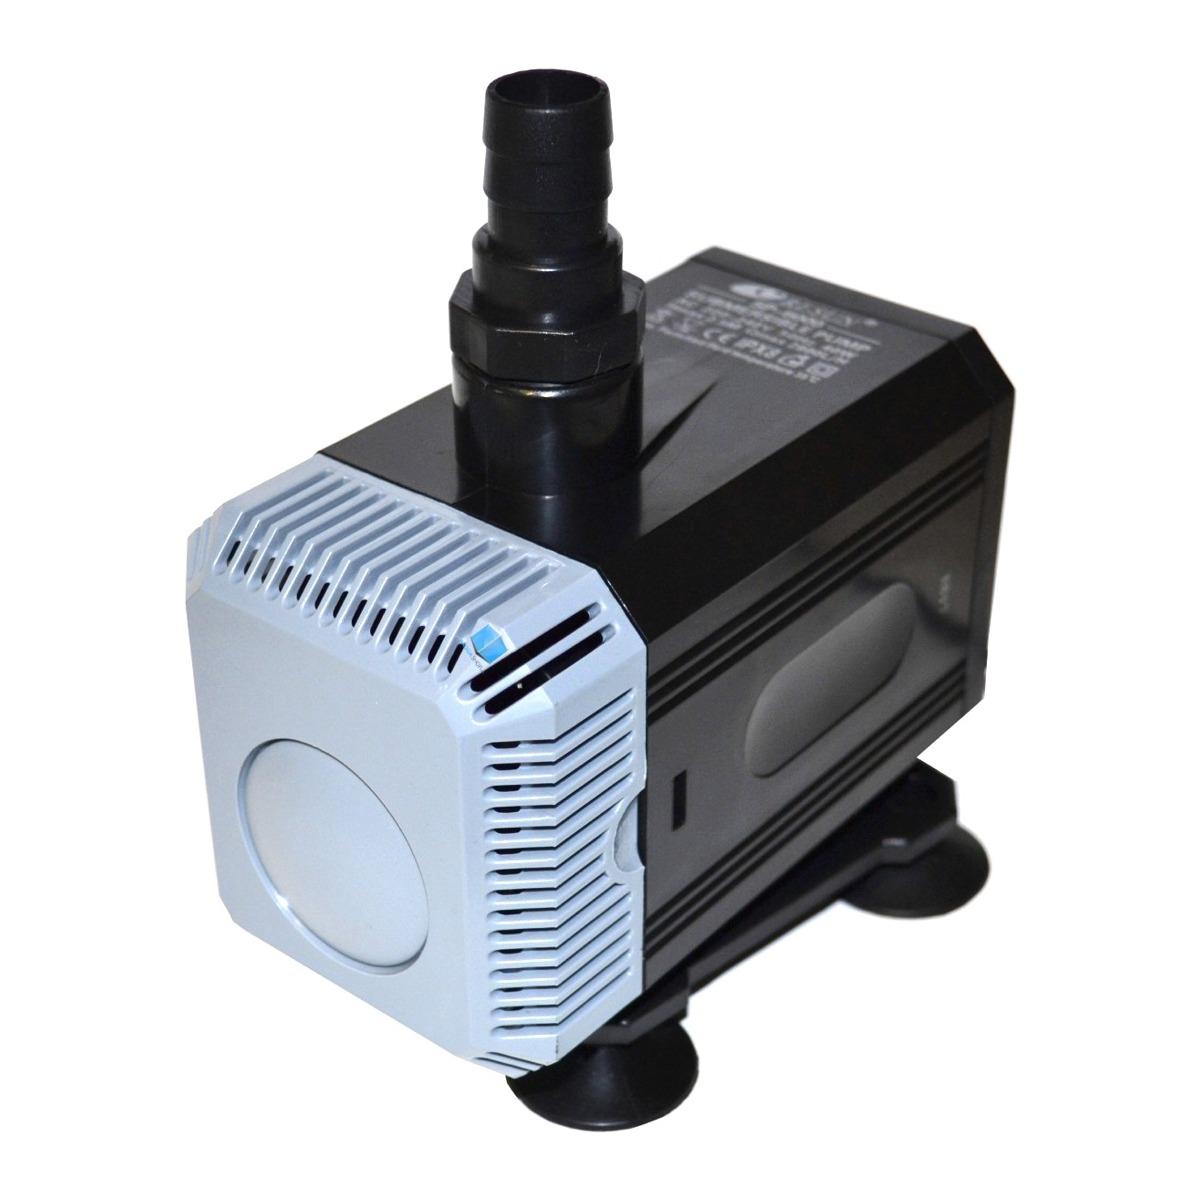 RESUN SP 6000 pompe d'aquarium universelle avec débit fixe de 2800 L/h